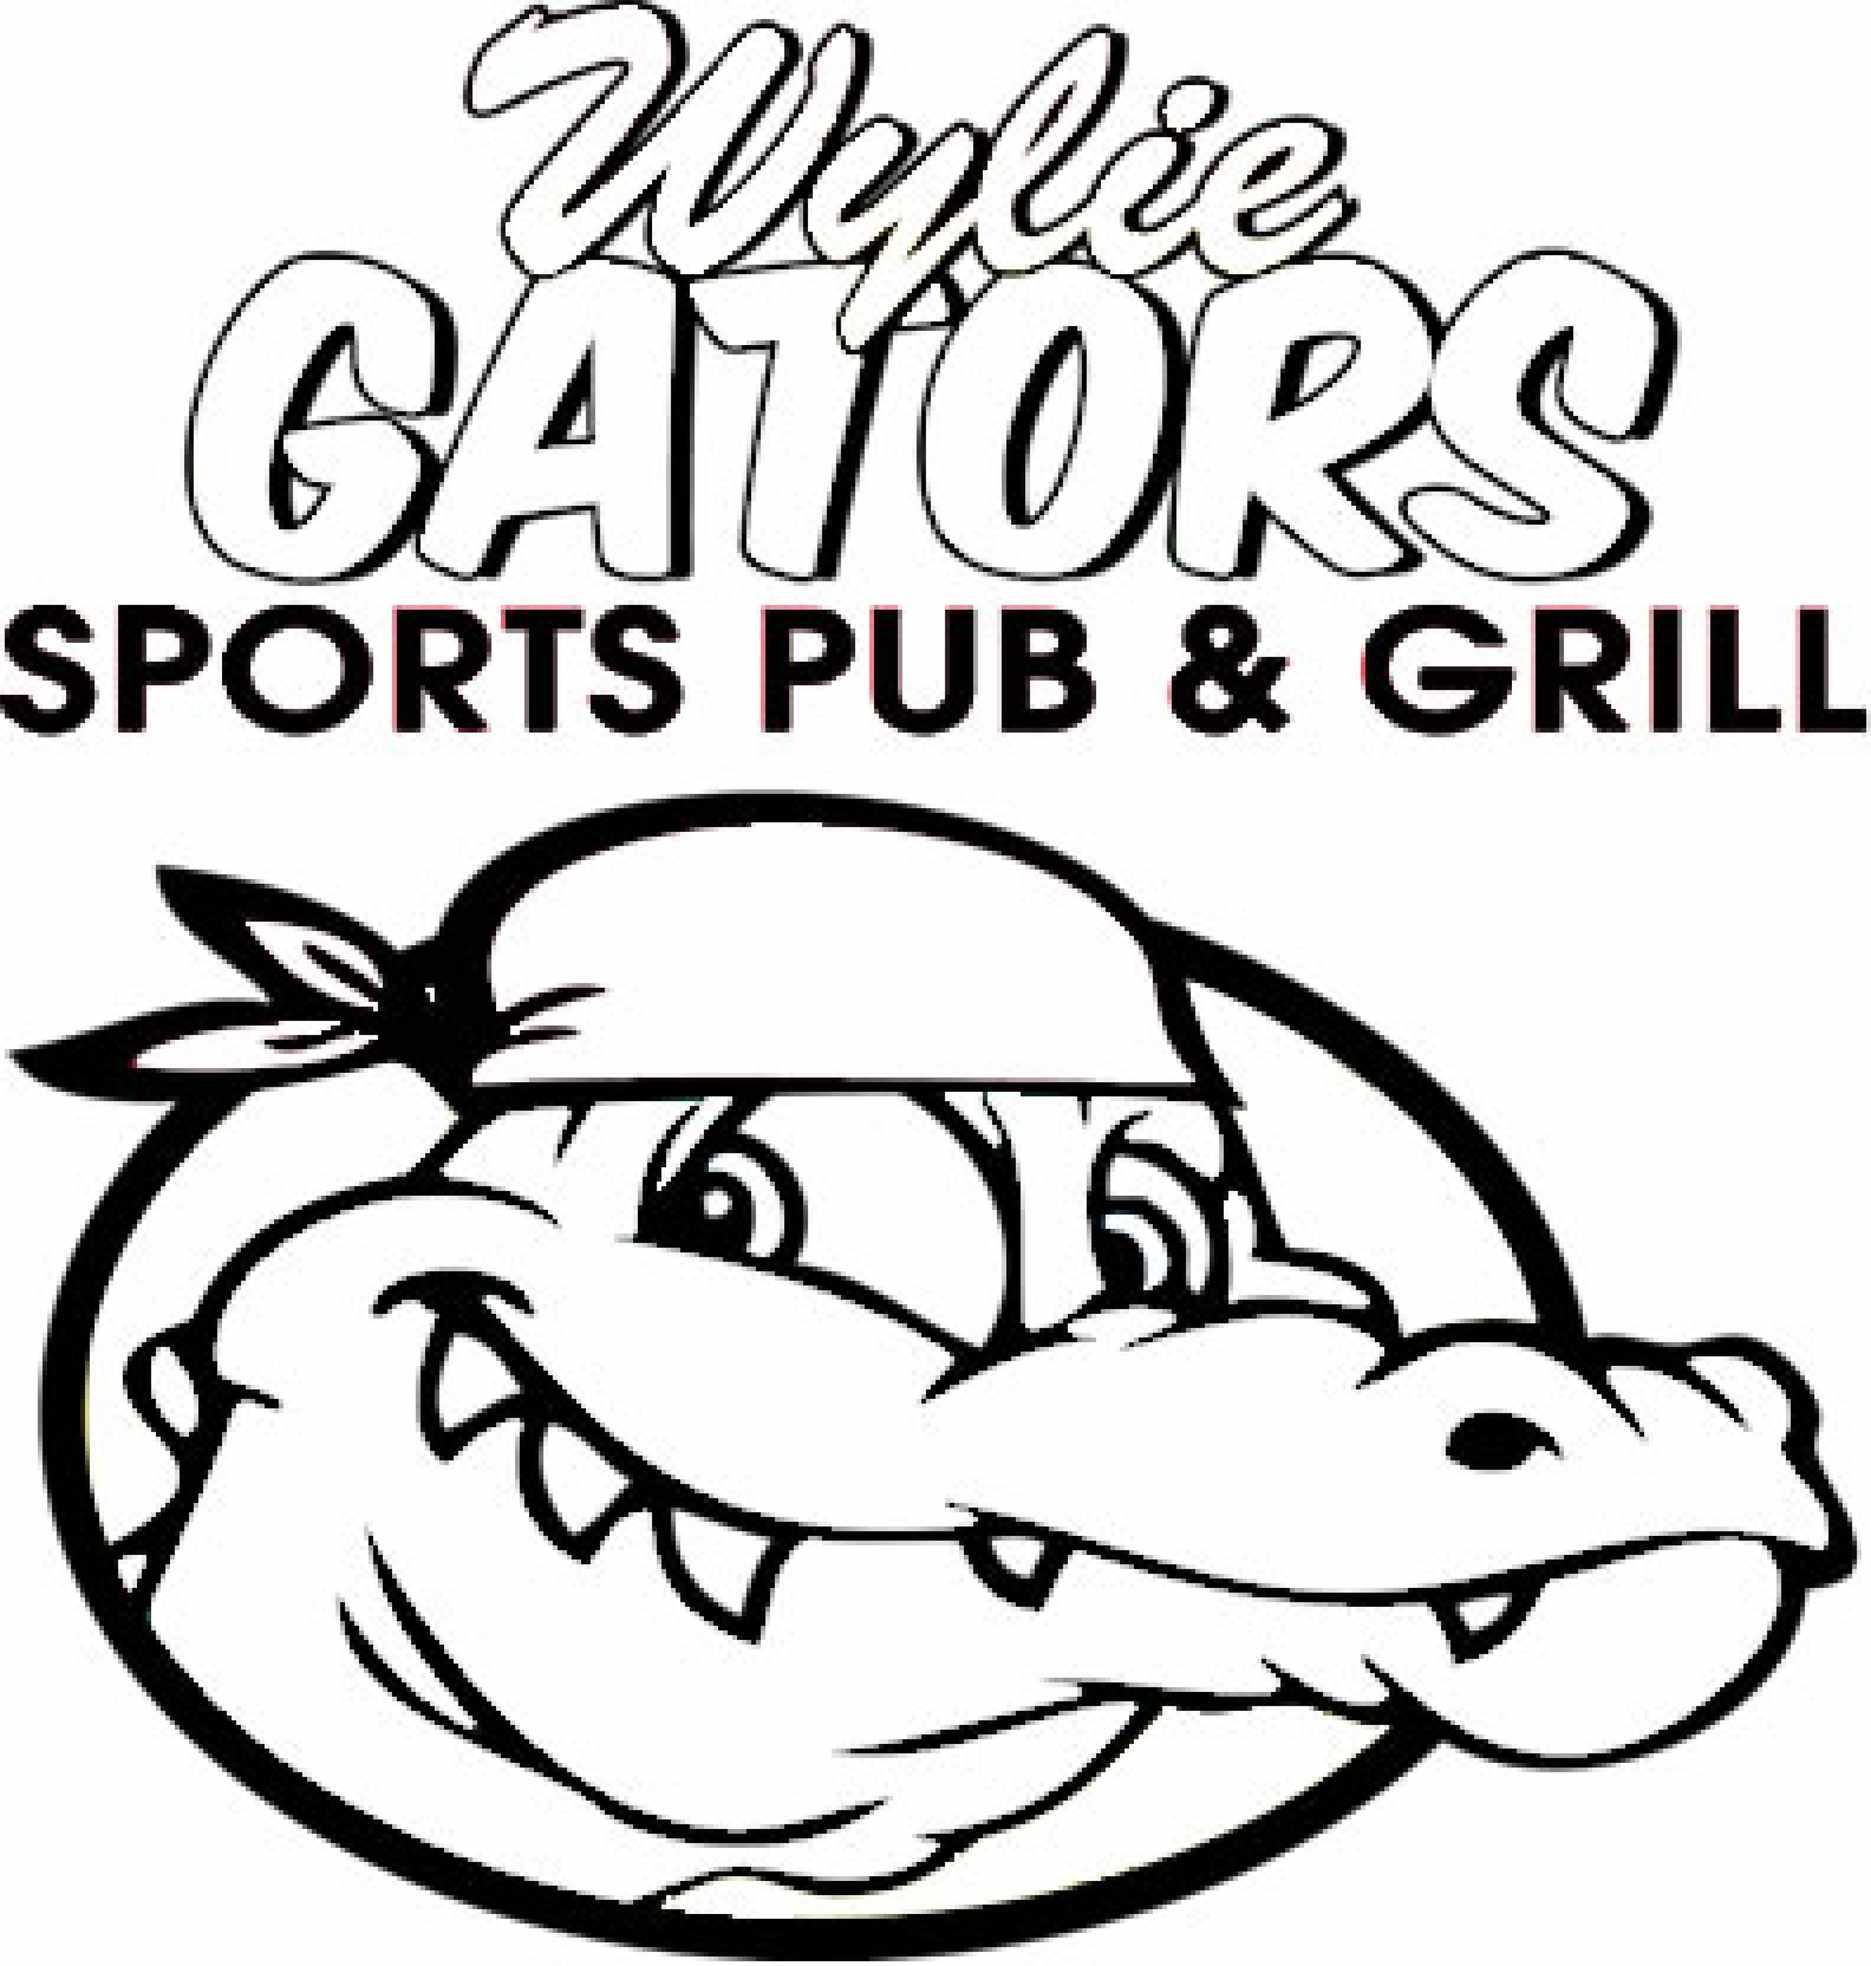 Wylie gators